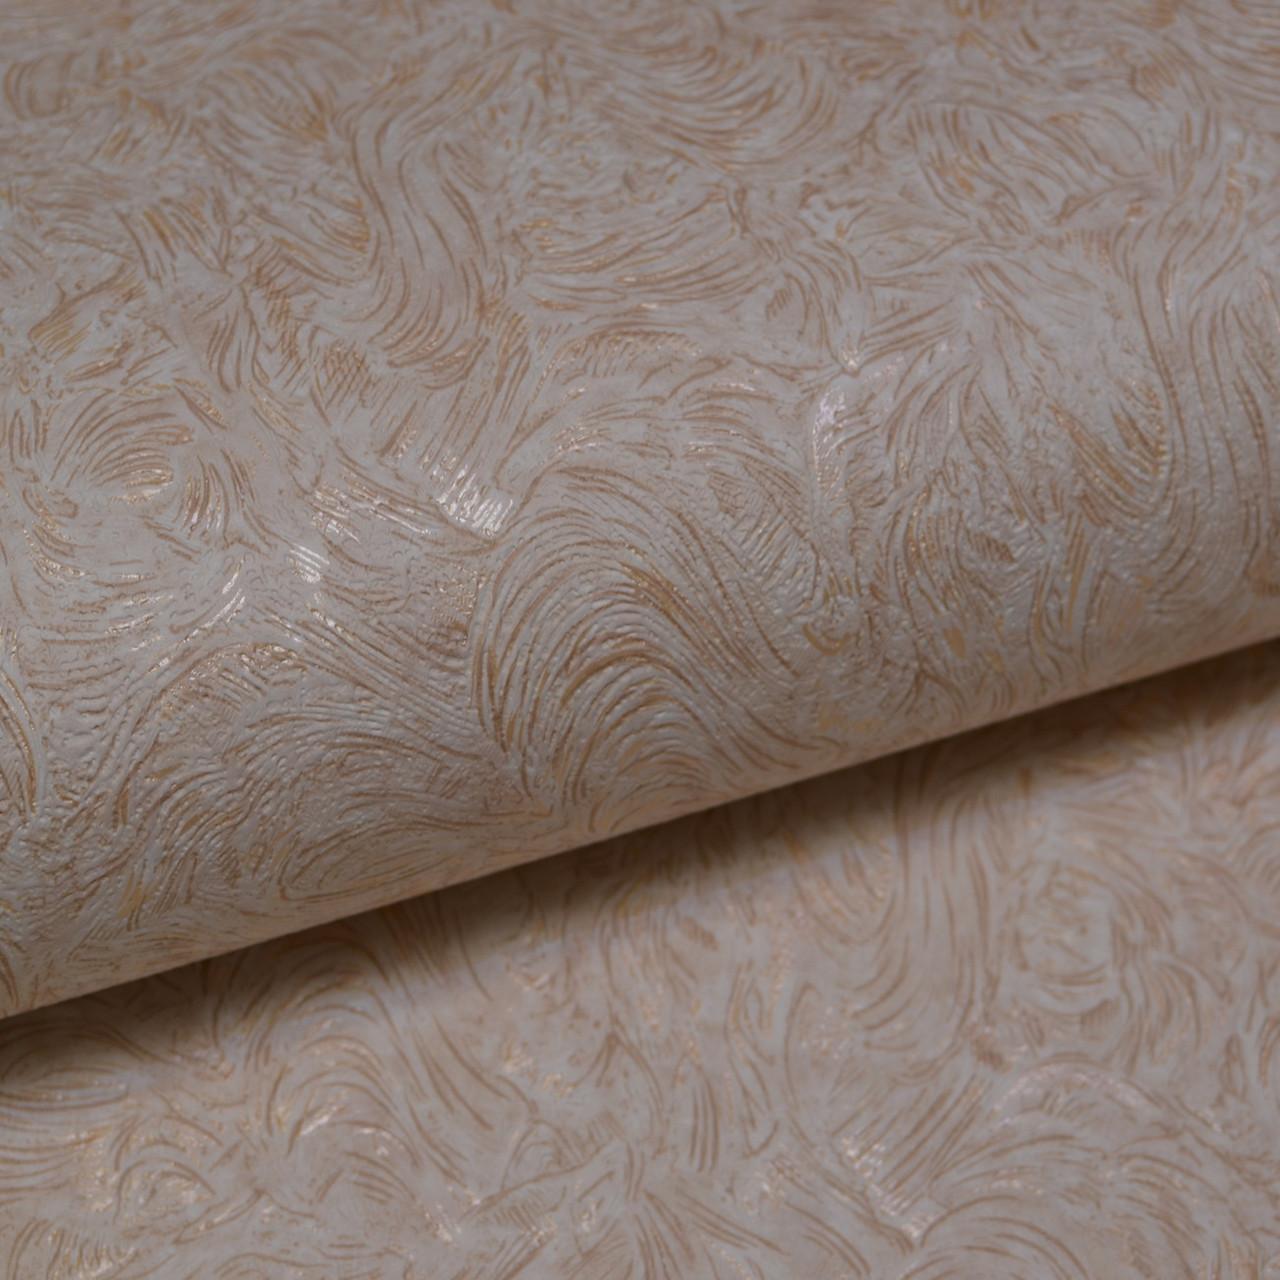 Обои, обои на стену, дуплекс, на бумажной основе, B66,4 Шанс 2 5173-05, 0,53*10м